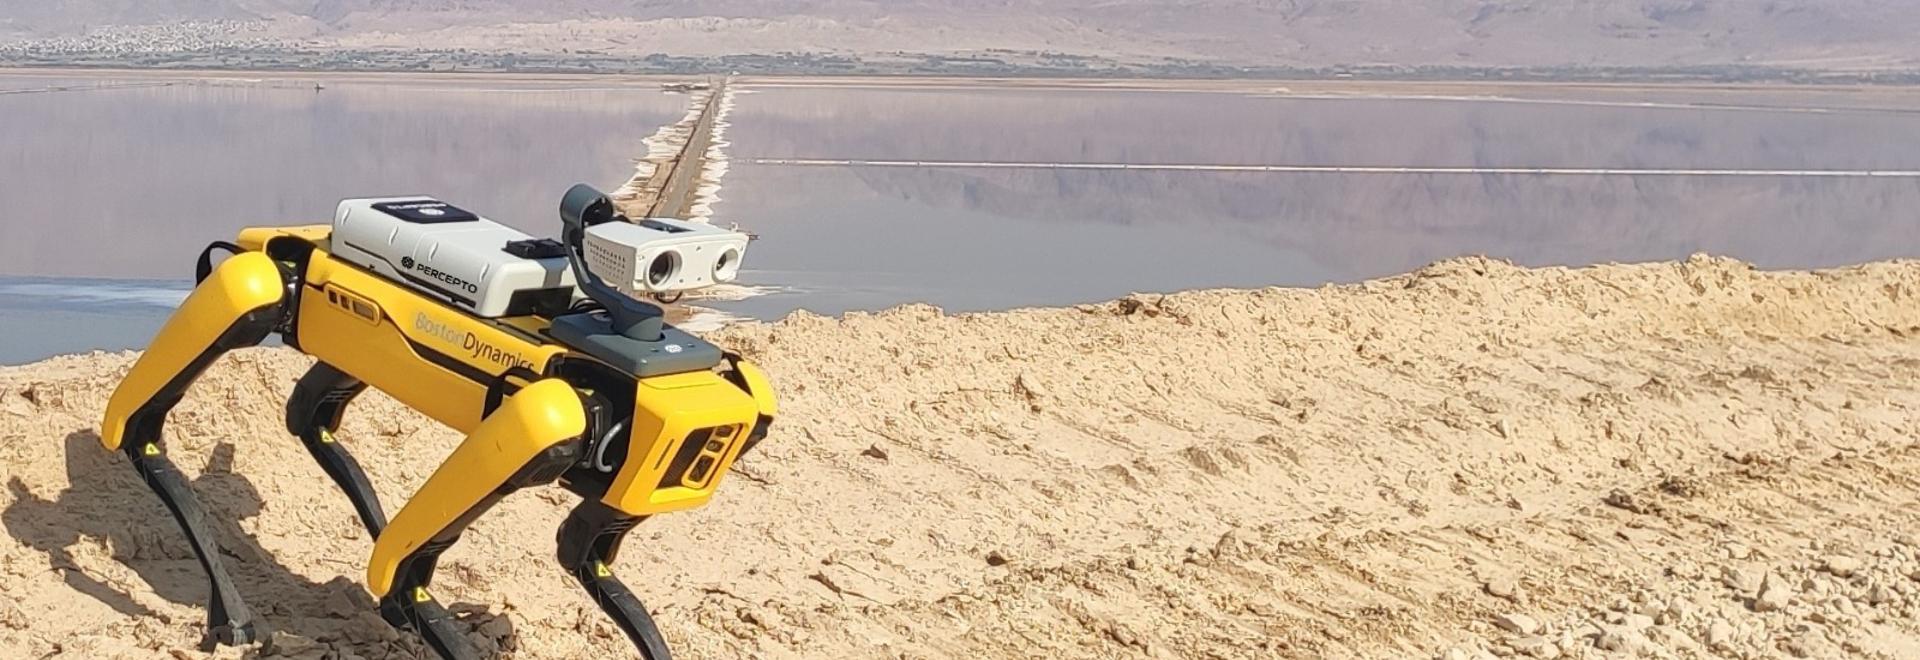 Die Kombination der Sparrow-Drohne von Percepto mit Spot schafft eine einzigartige Lösung für die Ferninspektion